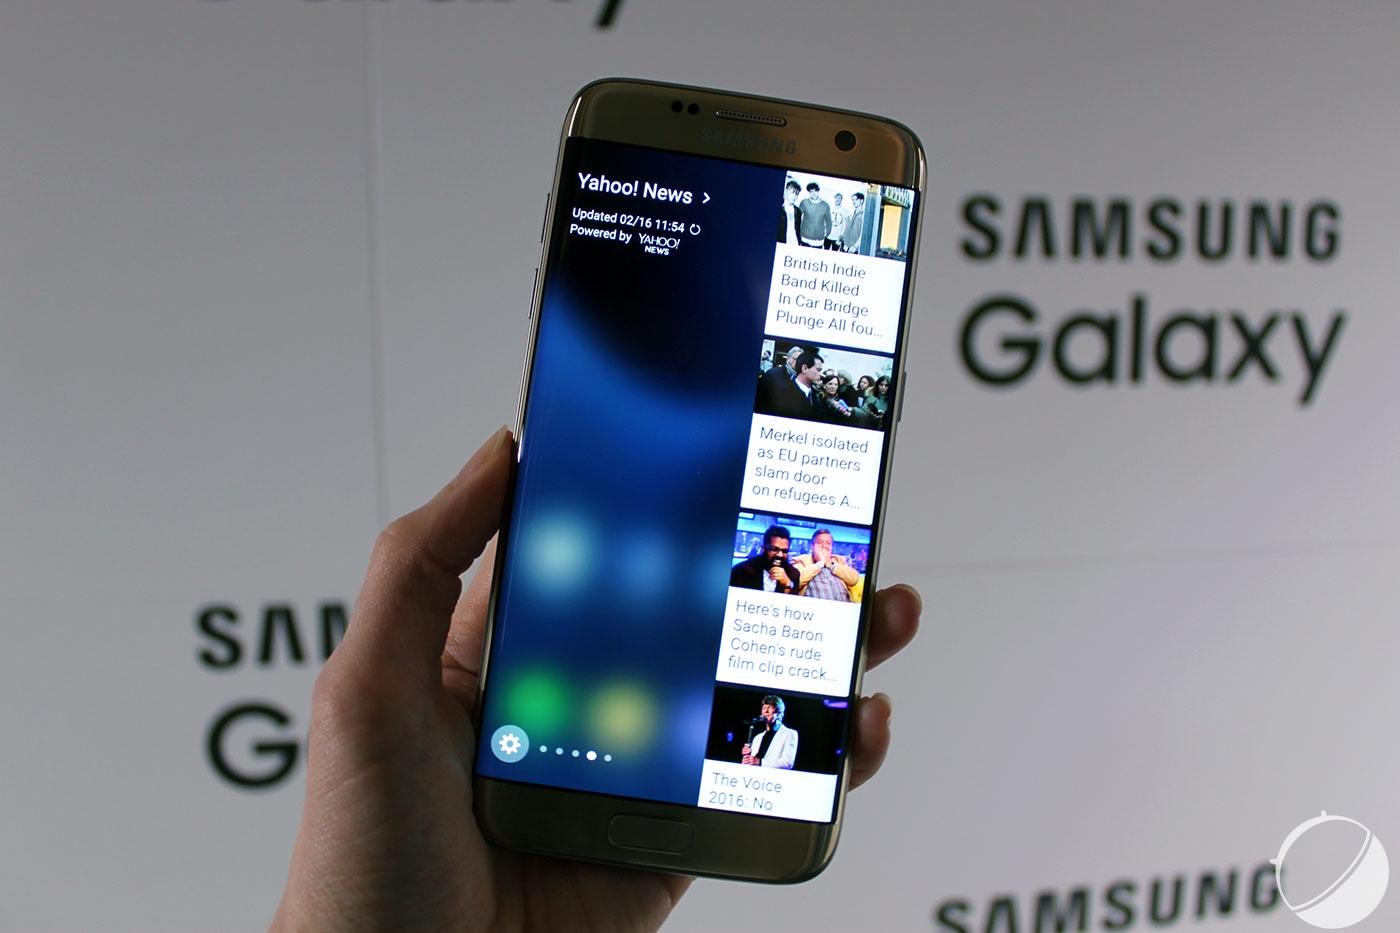 Samsung Galaxy S7 et S7 Edge : les prix et la disponibilité sont officiels, avec une légère baisse des tarifs